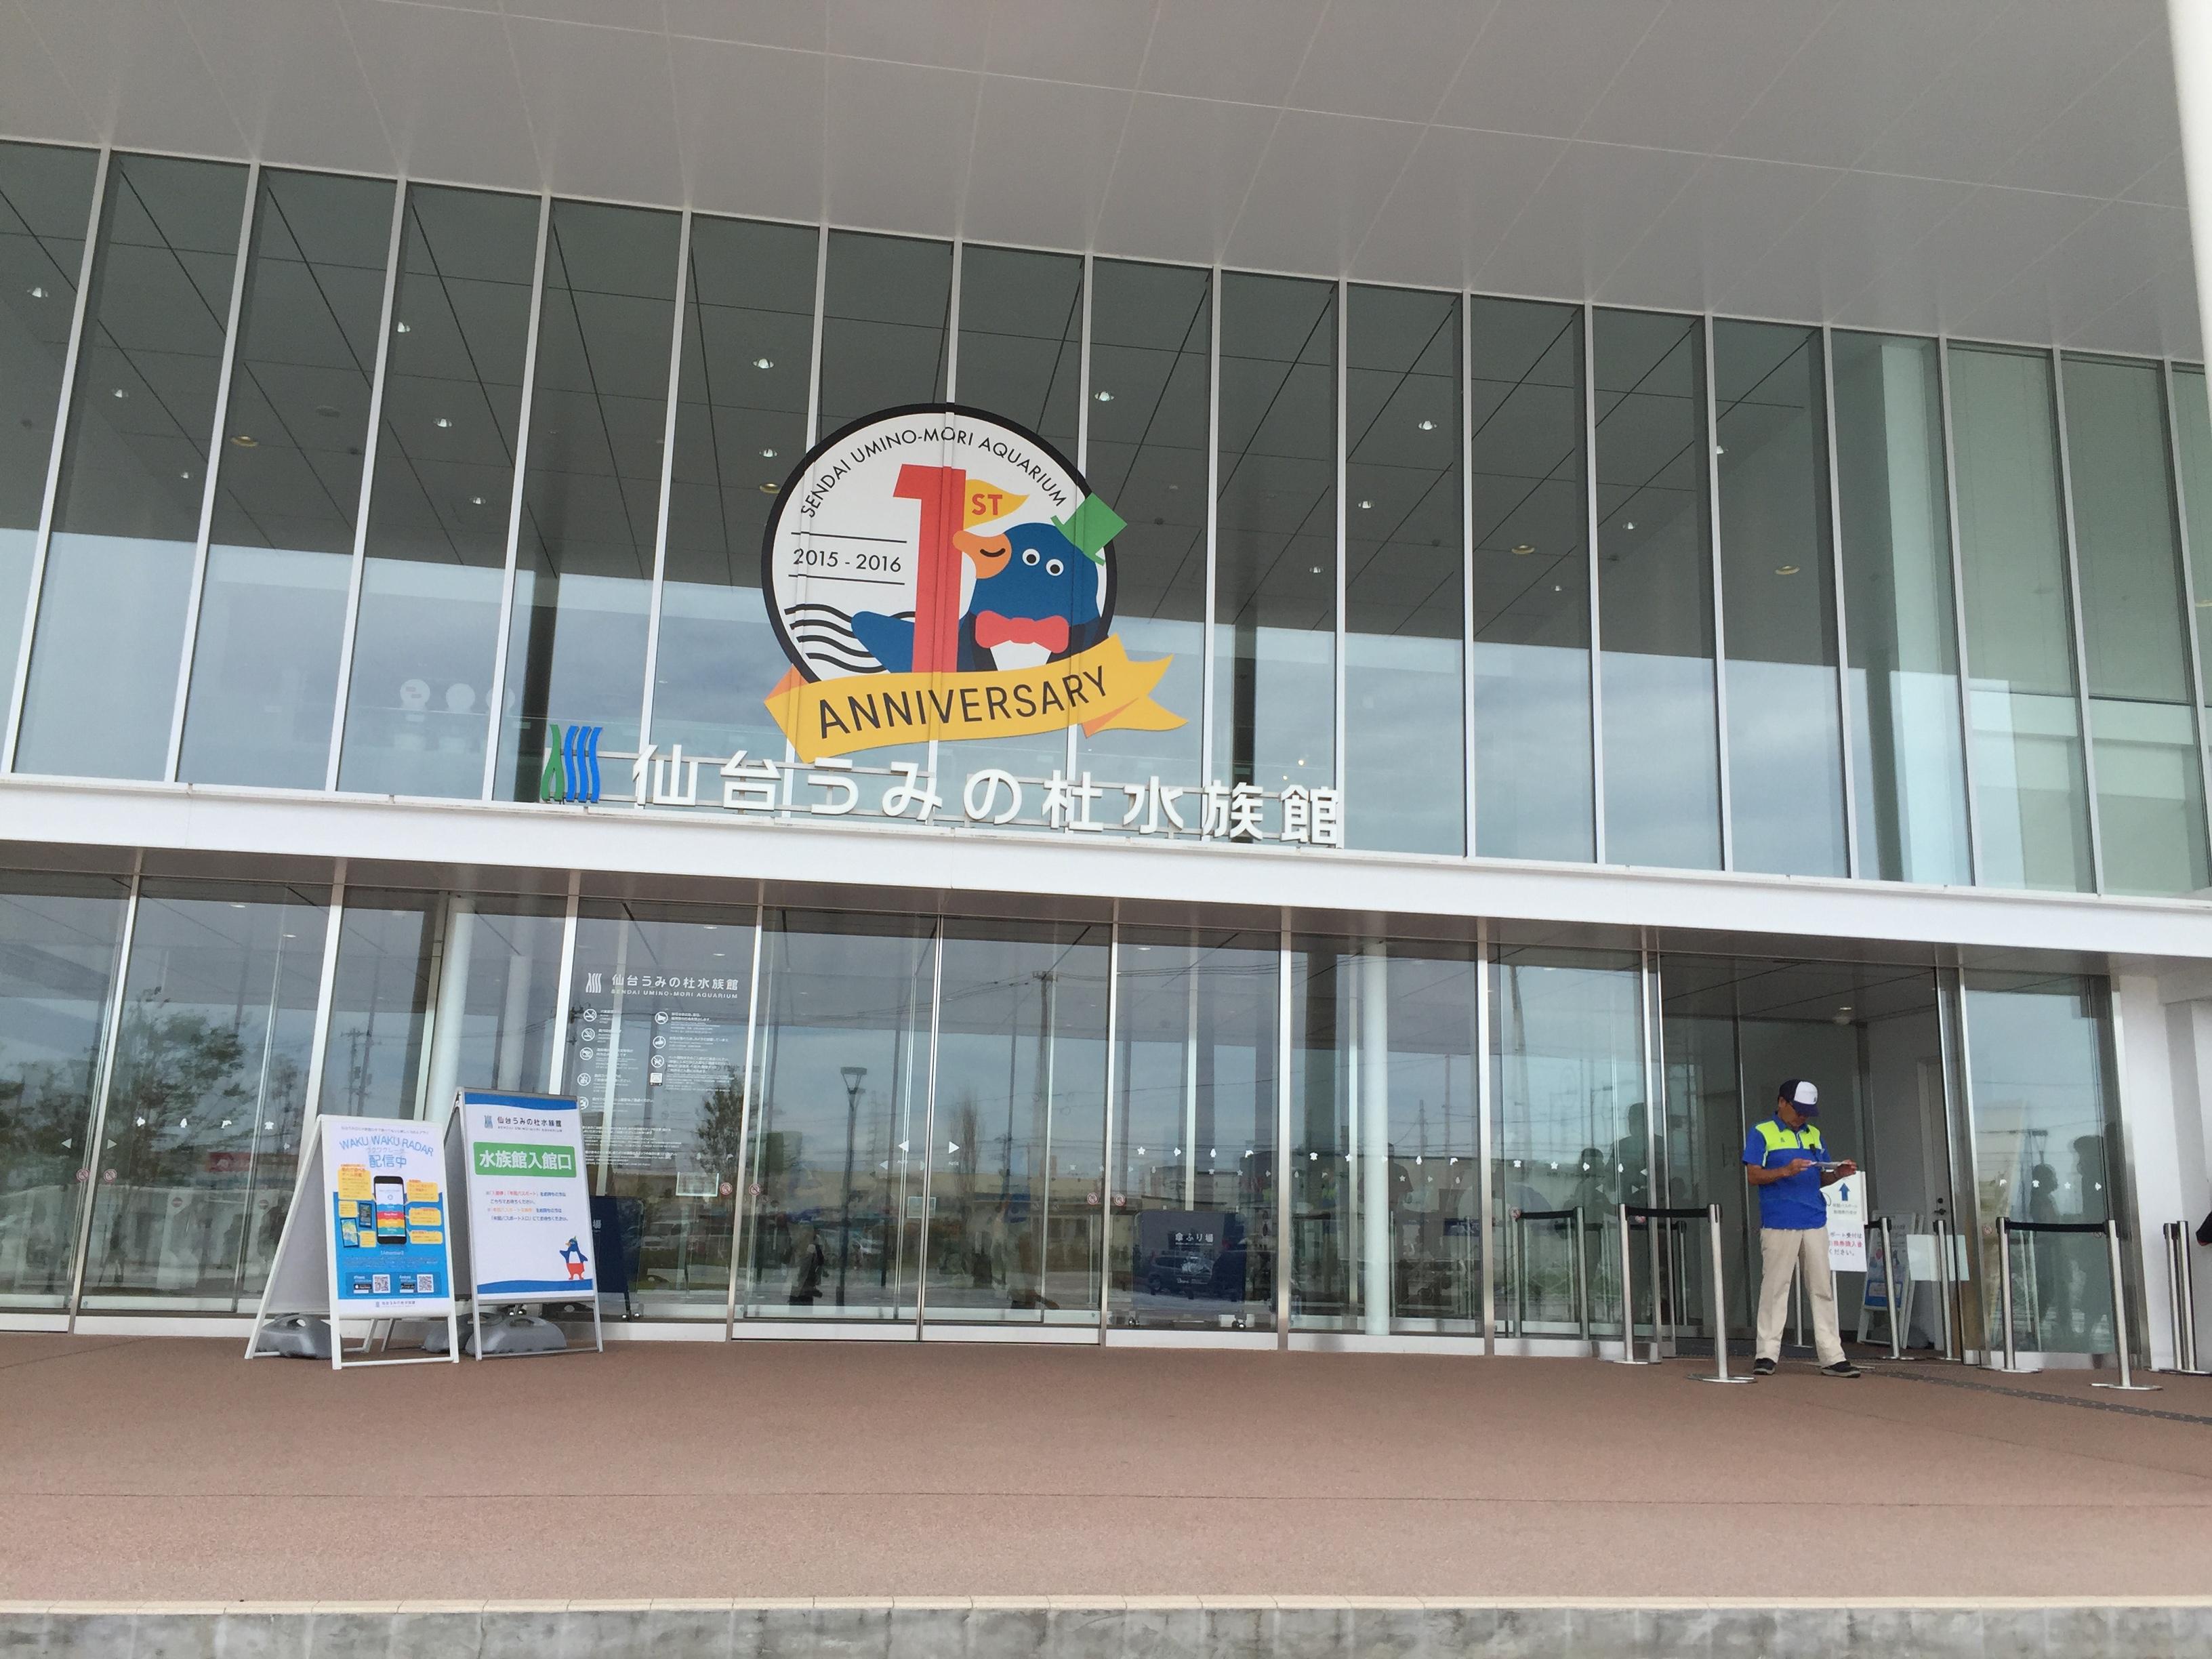 青森県民必見!お得に旅行に出かけよう!安くて楽しめる観光スポット